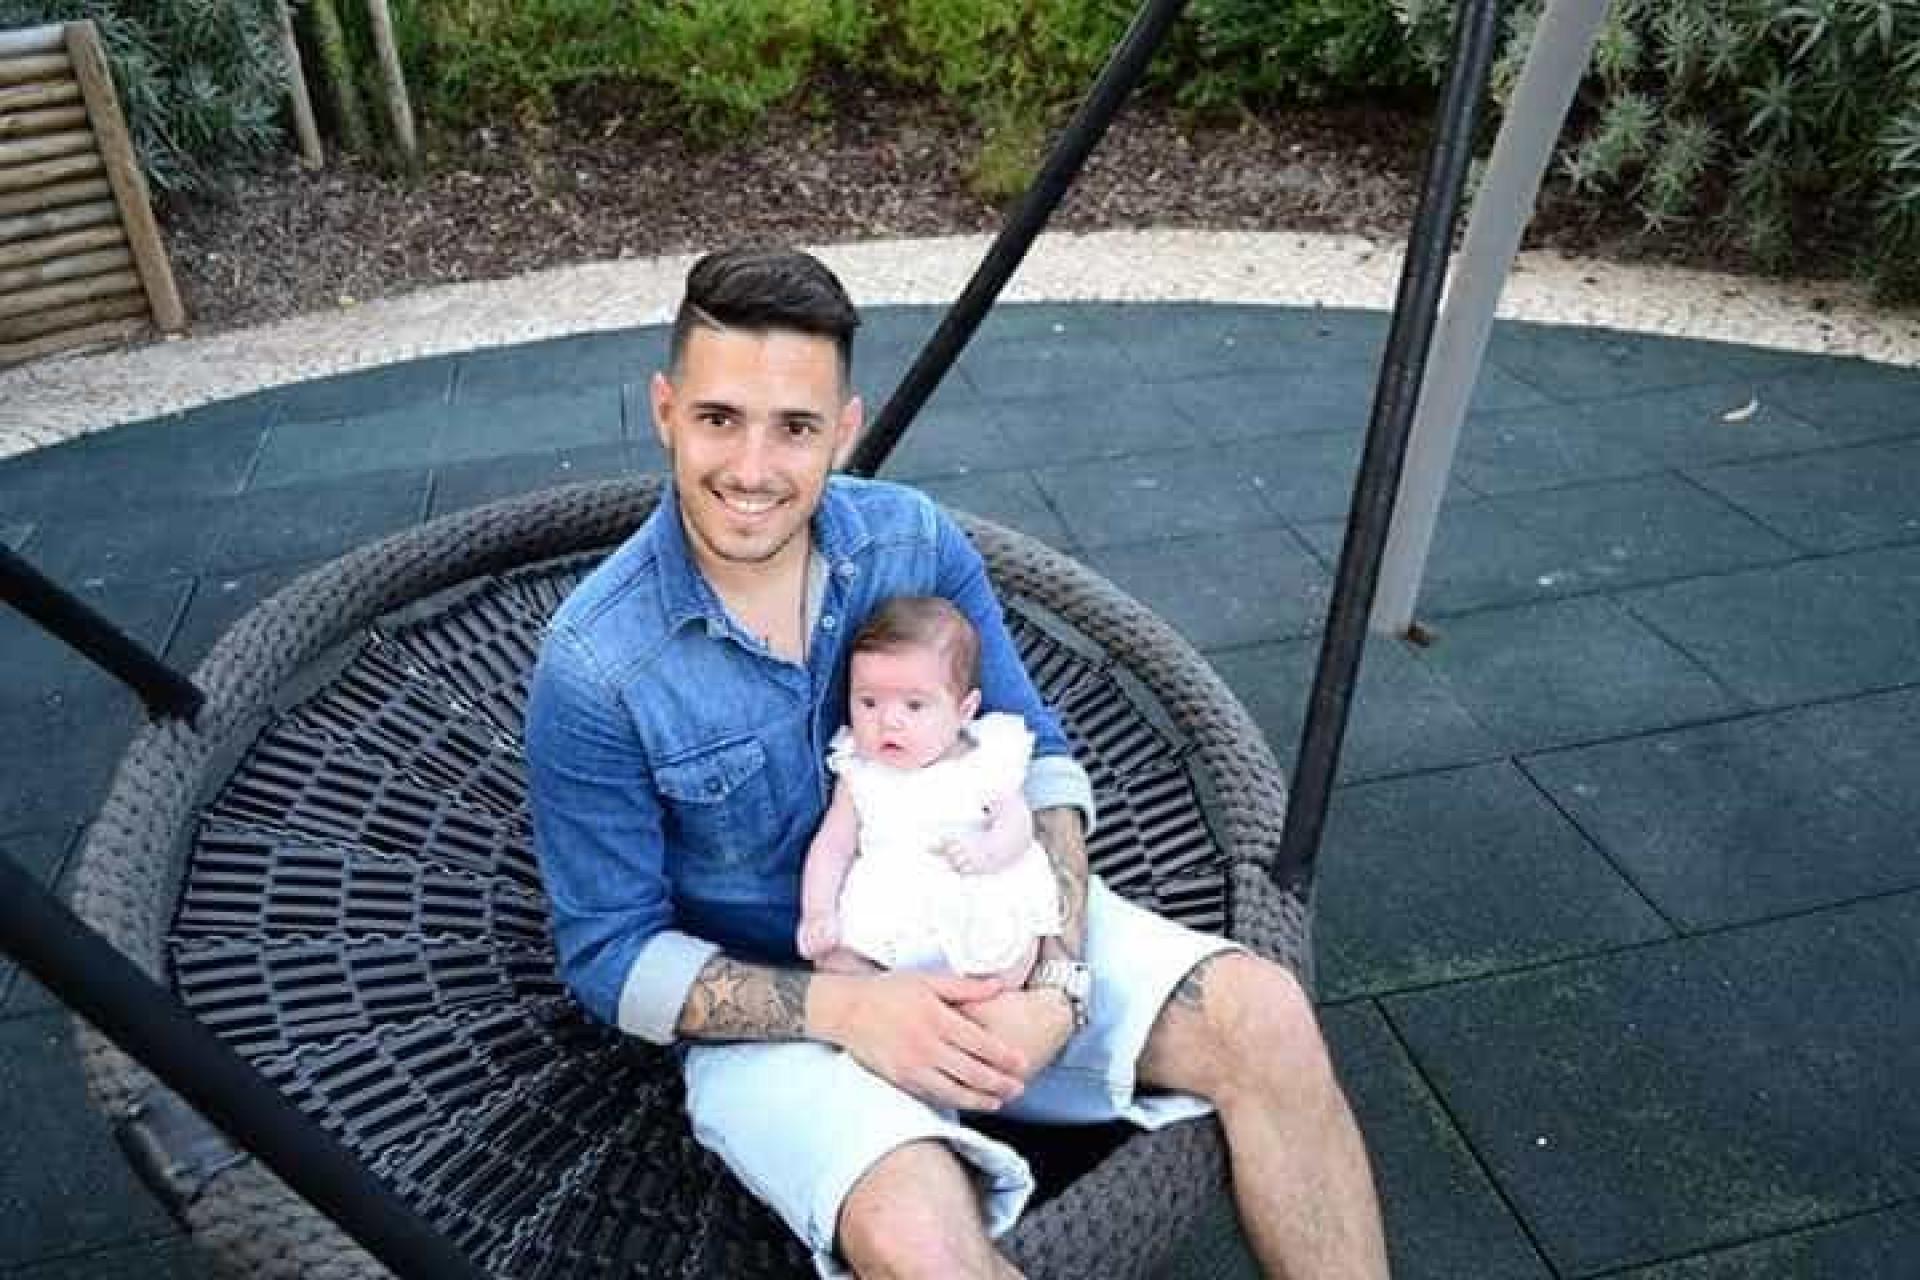 Bebé terá sido recusada em creche devido a tatuagens do pai